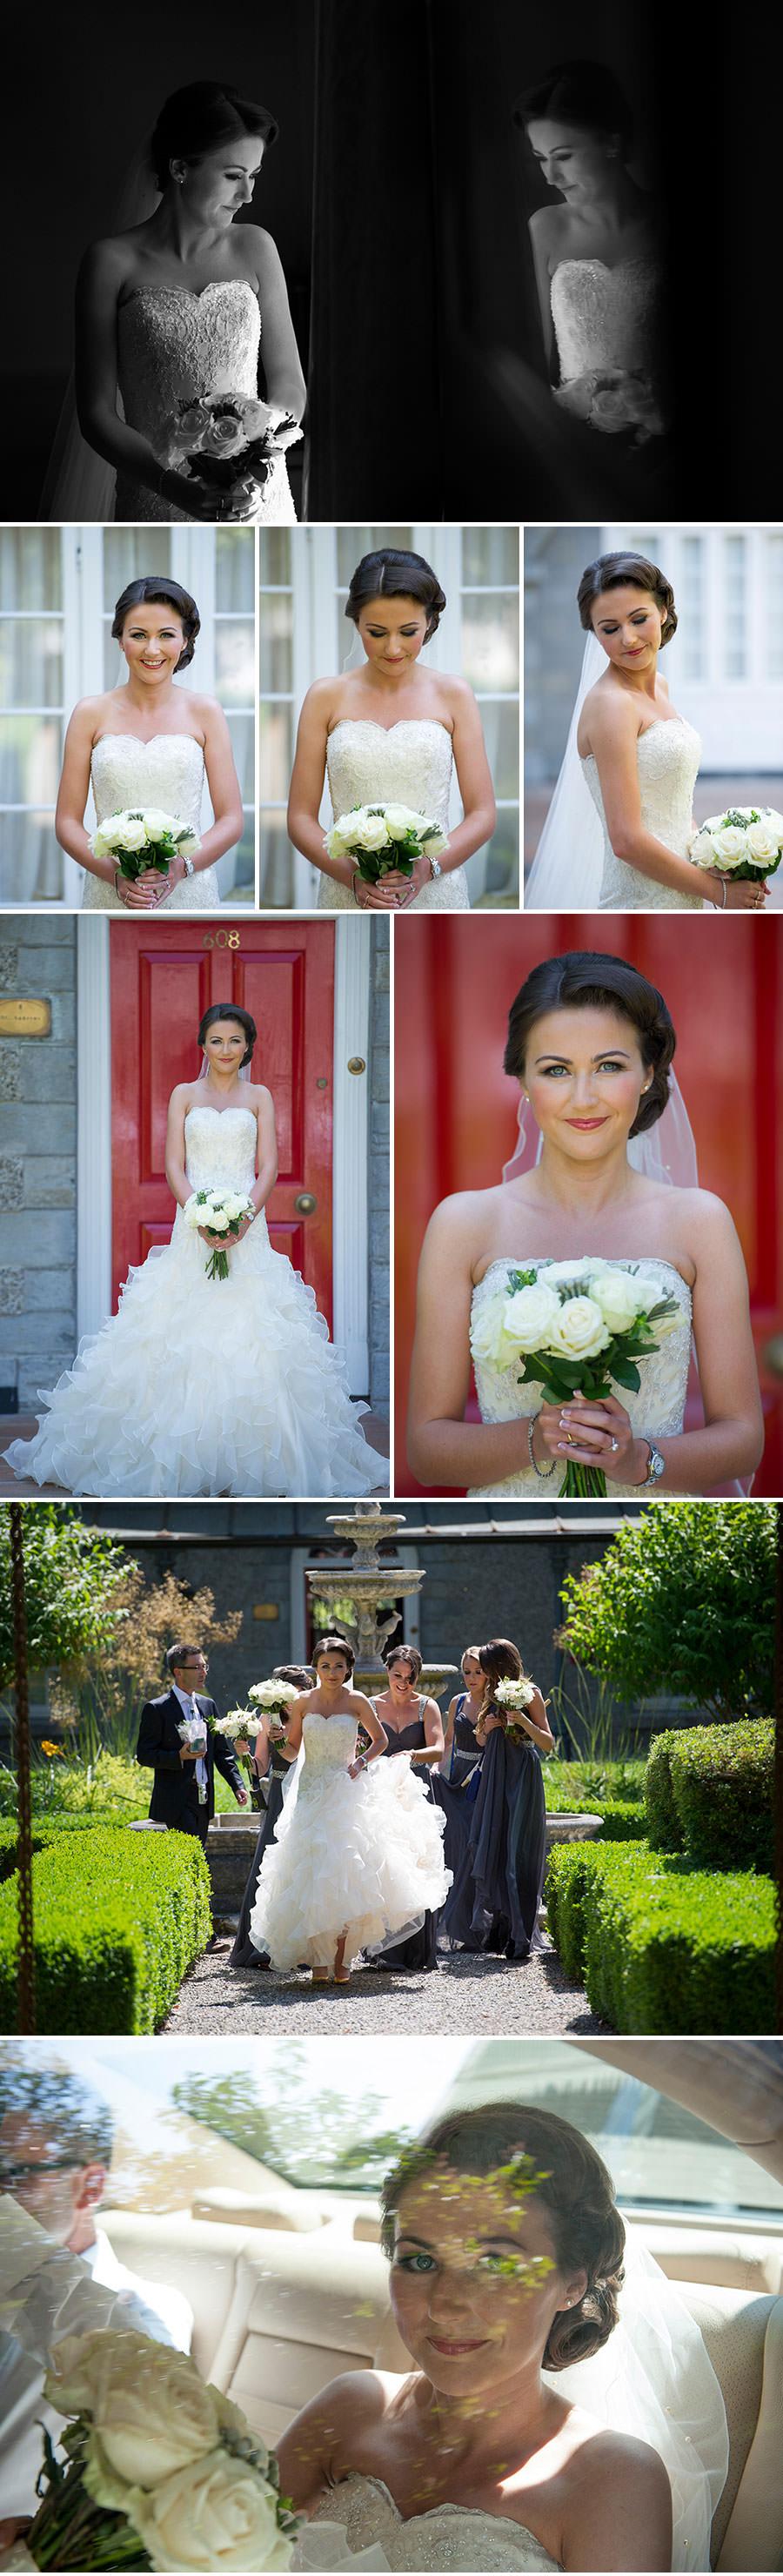 N + I | K Club Wedding | Dublin Wedding Photography | 16